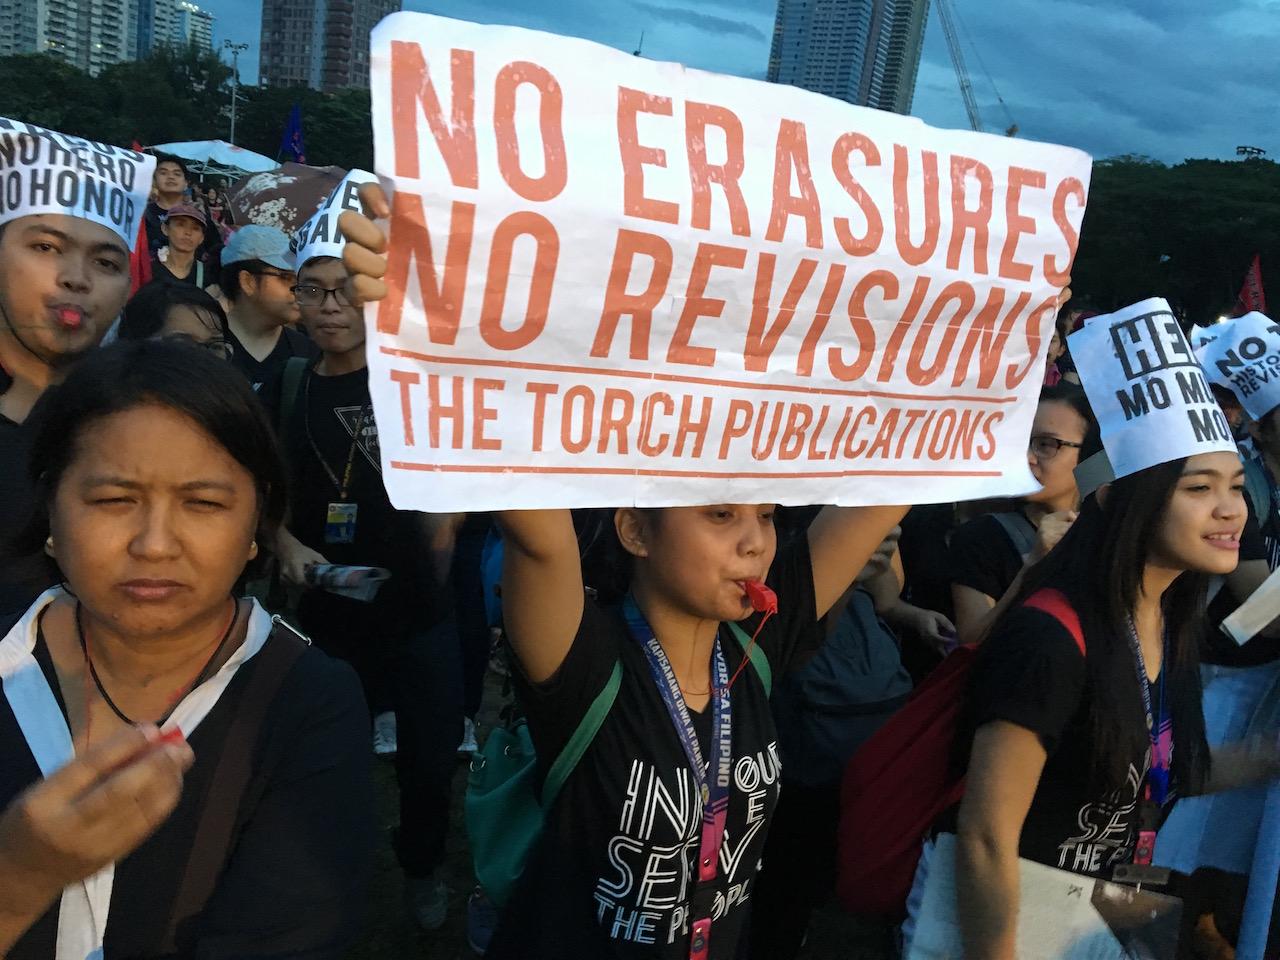 no-erasures-no-revisions